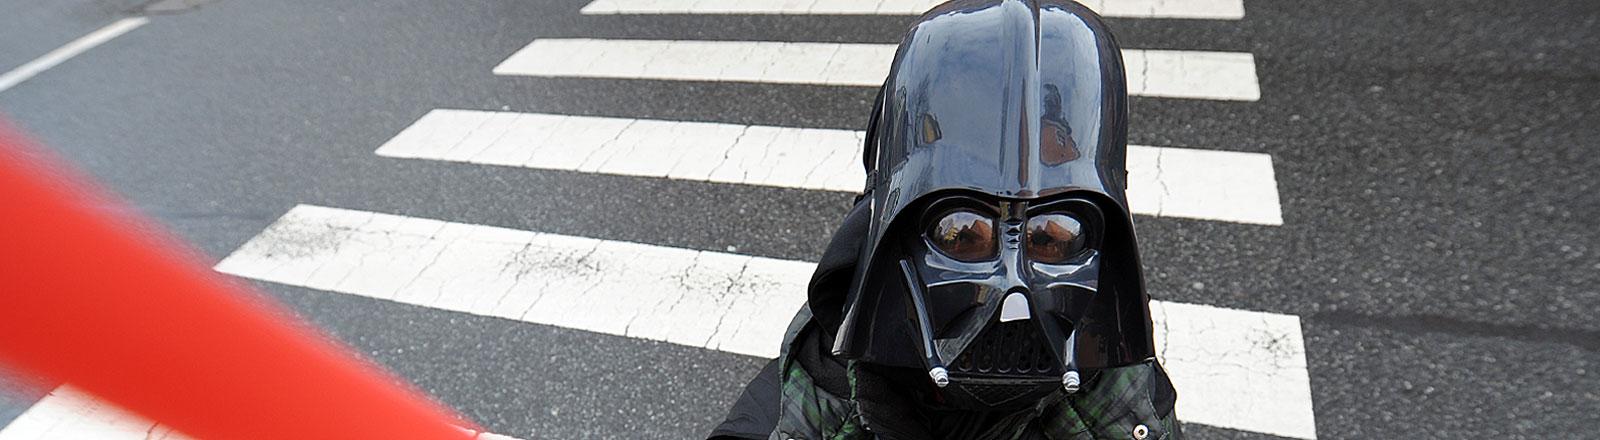 Junge, als Darth Vader verkleidet